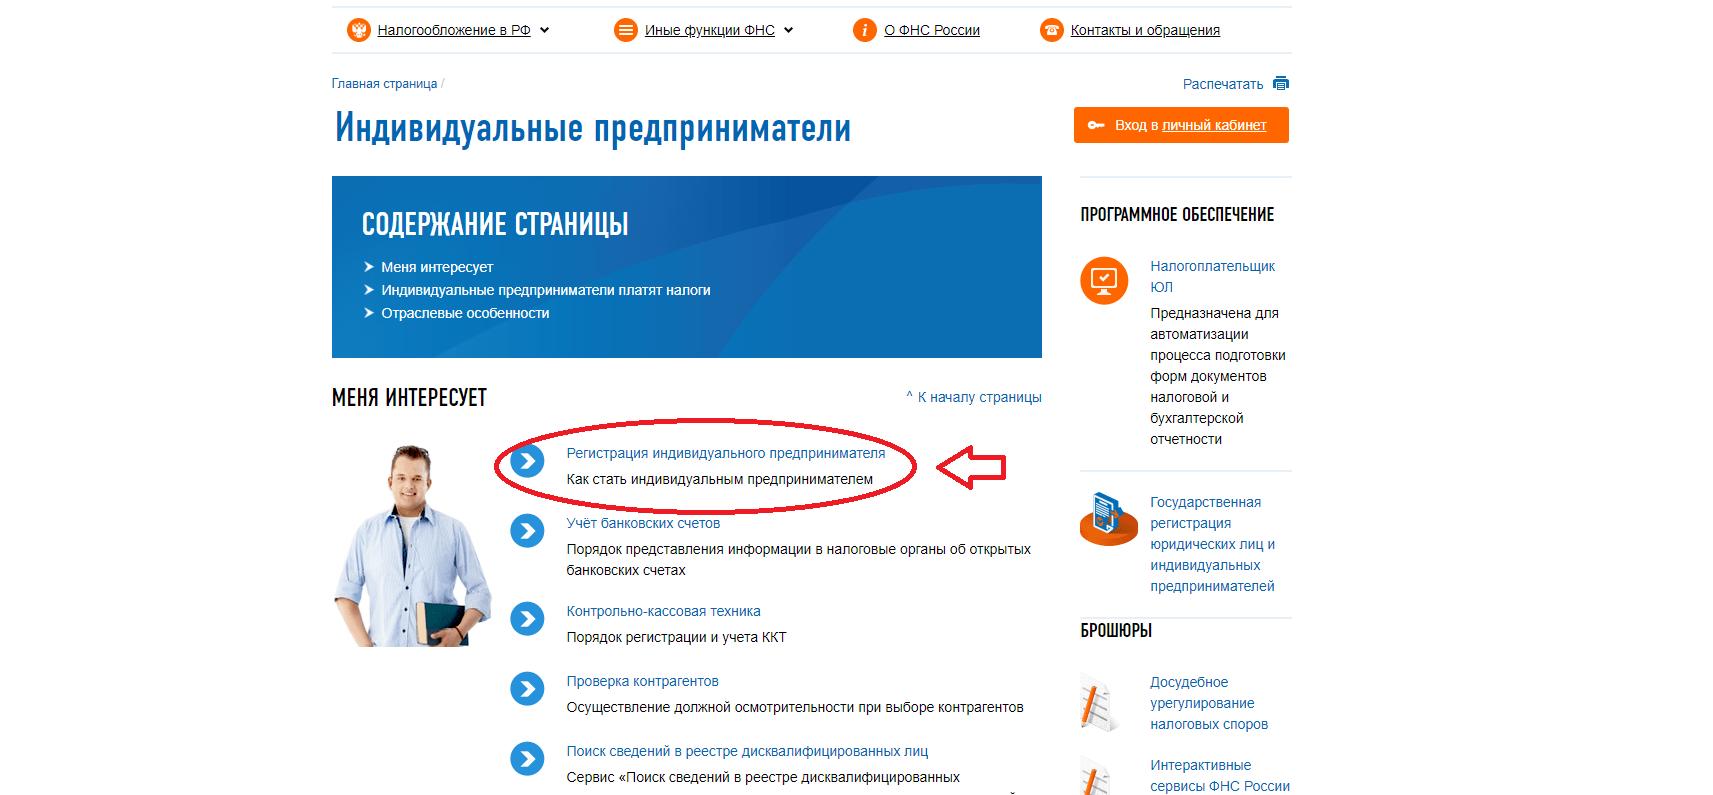 Регистрацию ип на сайте фнс россии как заполнить декларацию 3 ндфл самостоятельно за 2019 год